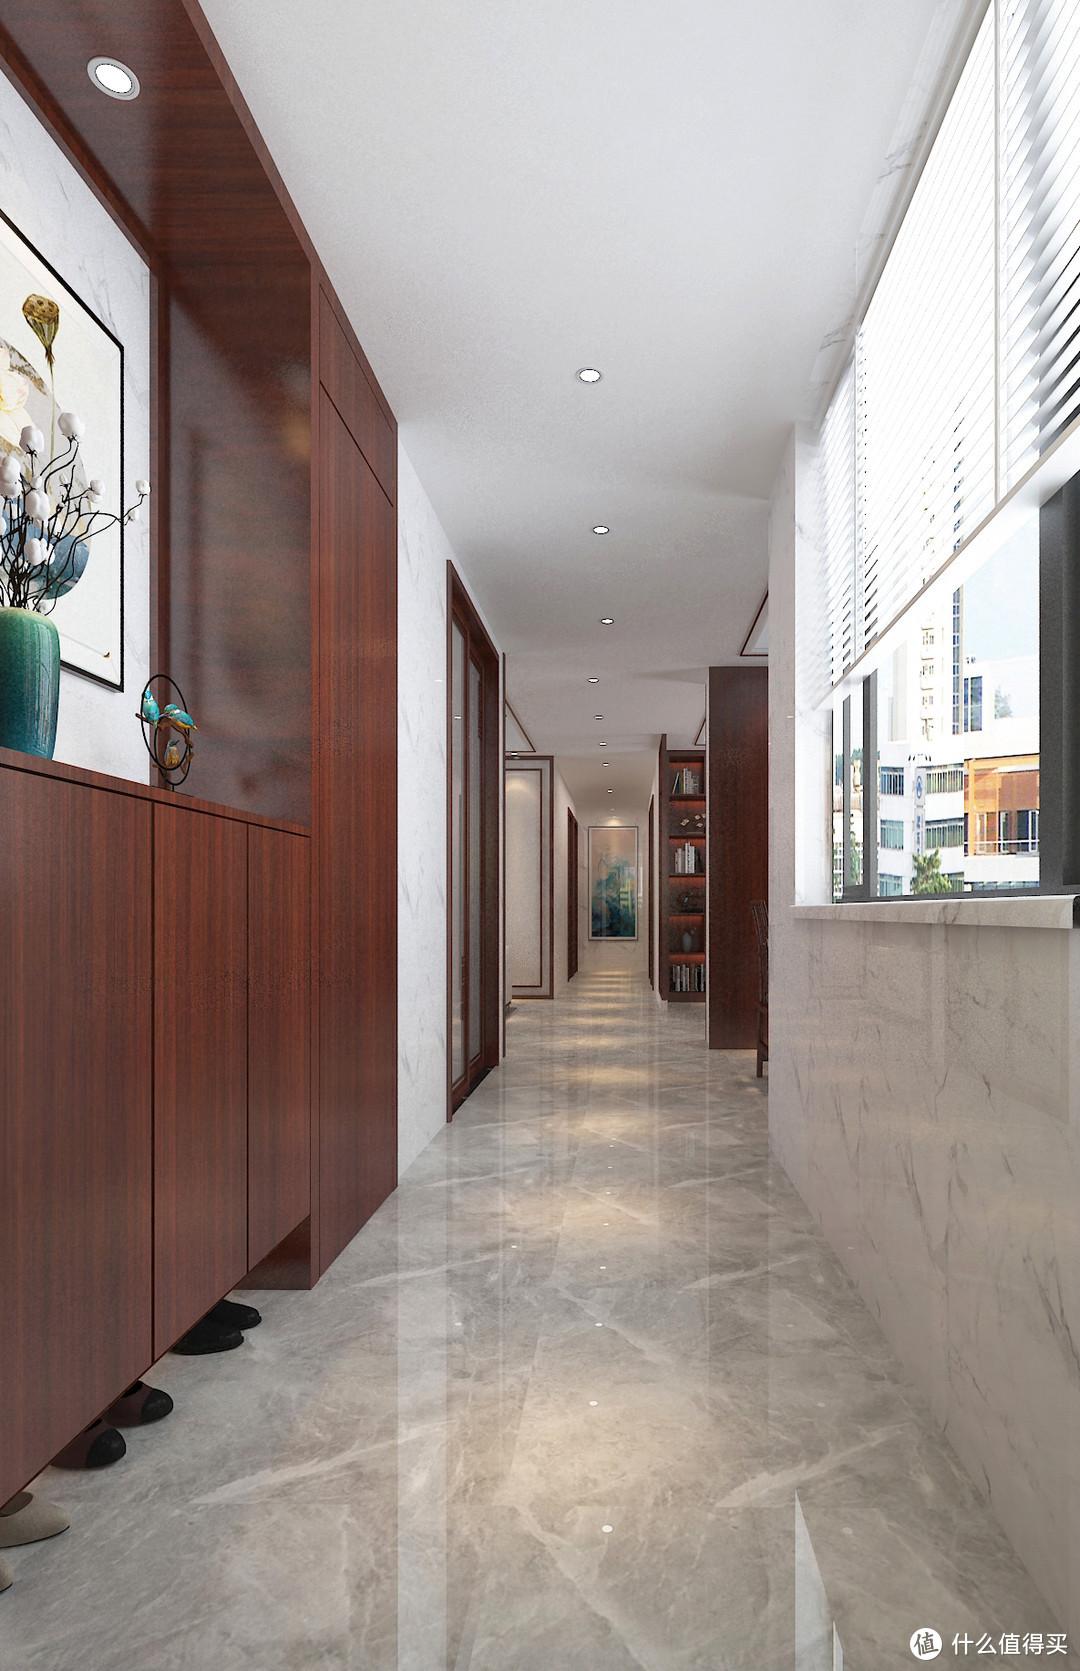 惠州夫妻的新房装修,中式风格很有韵味,屋内的布局利用到了极致